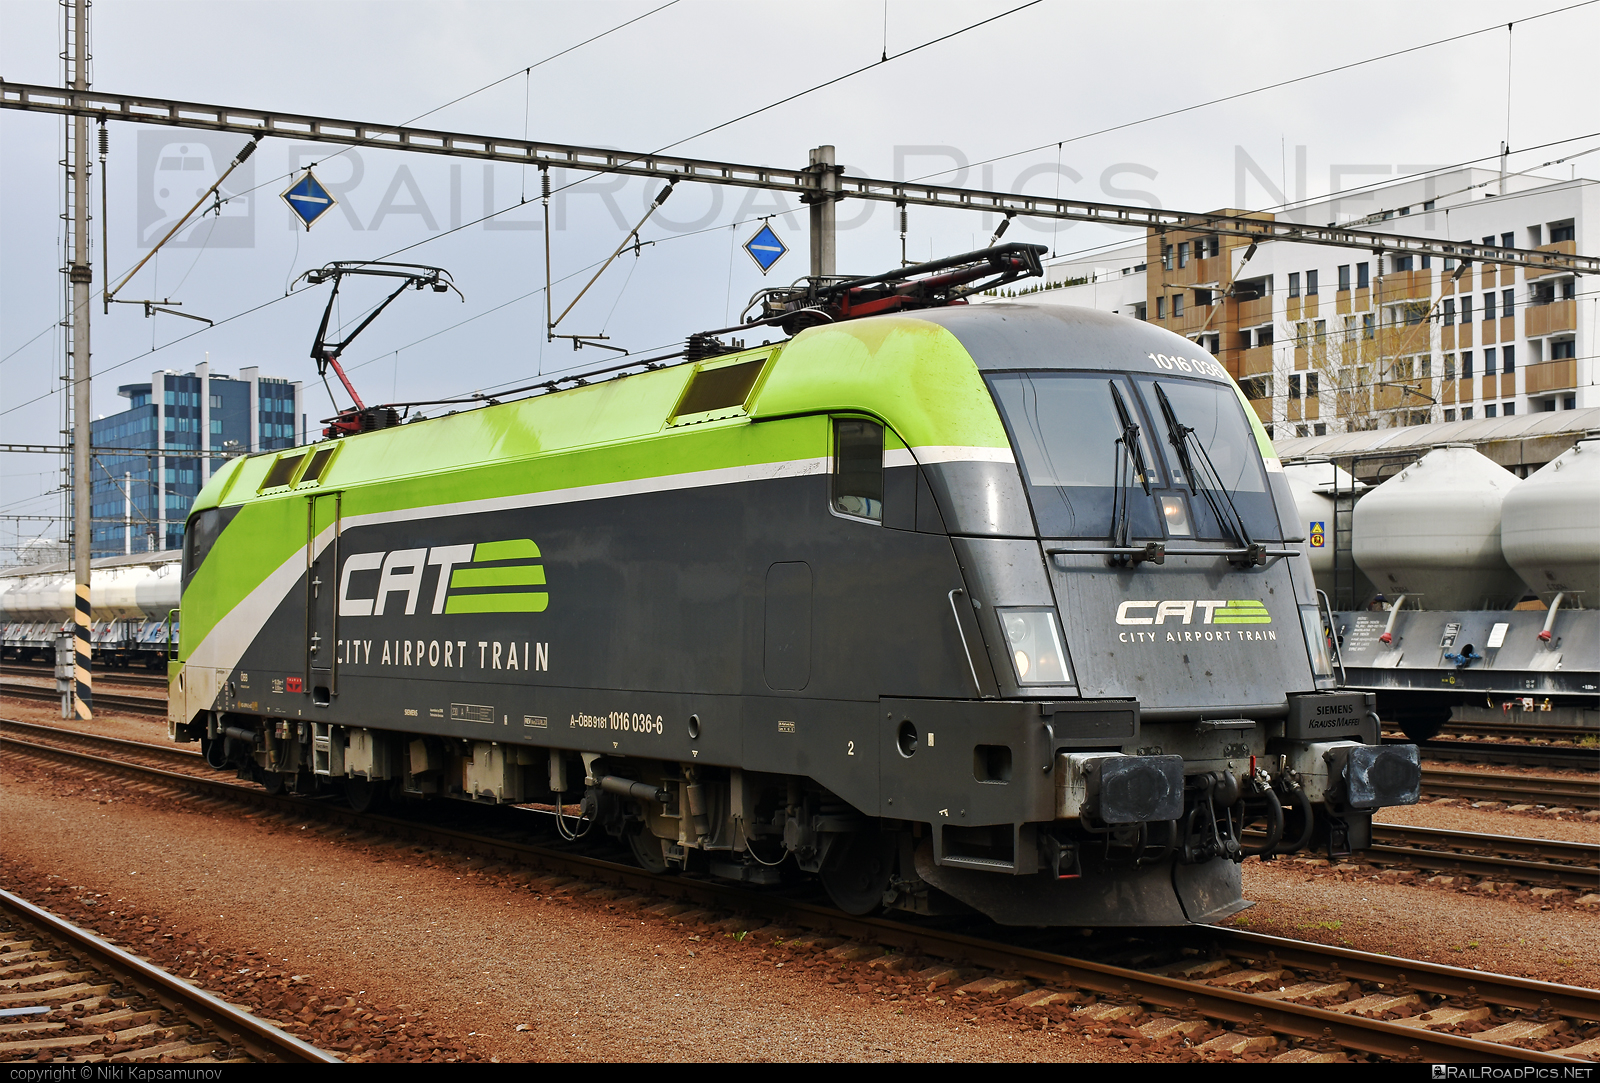 Siemens ES 64 U2 - 1016 036 operated by Rail Cargo Austria AG #cat #es64 #es64u #es64u2 #eurosprinter #obb #osterreichischebundesbahnen #rcw #siemens #siemenses64 #siemenses64u #siemenses64u2 #siemenstaurus #taurus #tauruslocomotive